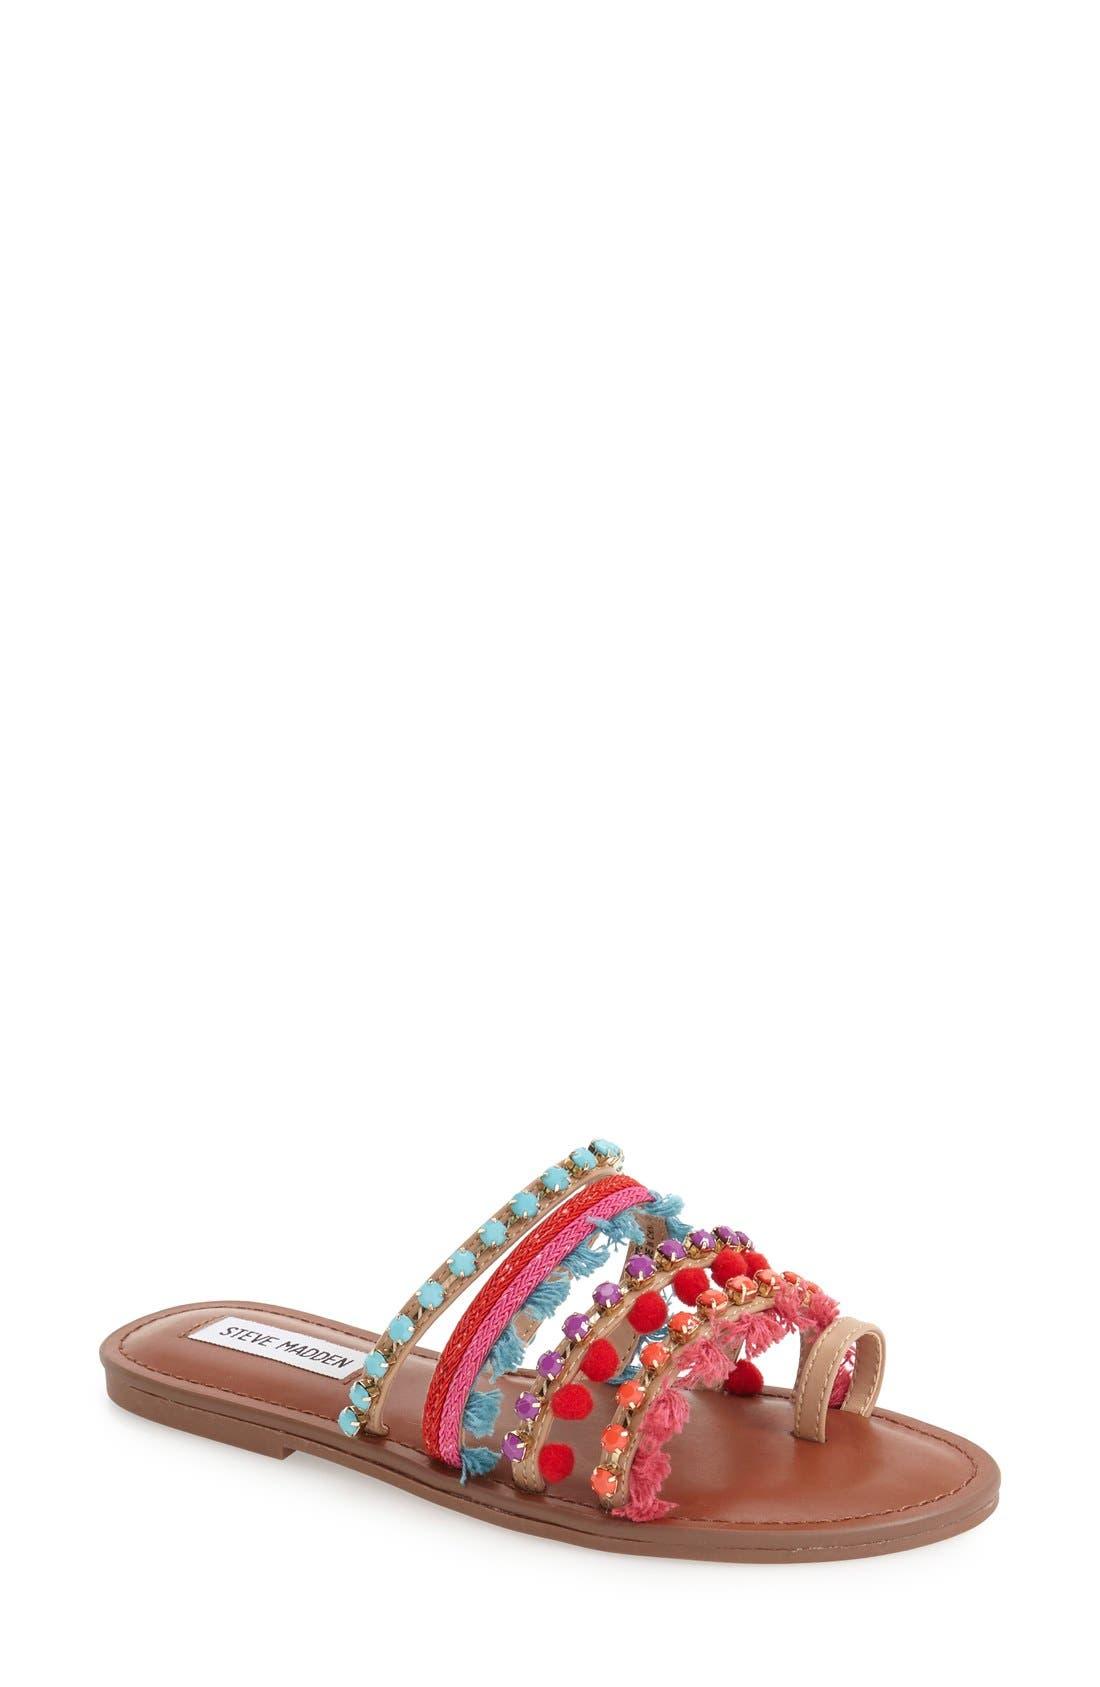 Alternate Image 1 Selected - Steve Madden Multicolor Slide Sandal (Women)